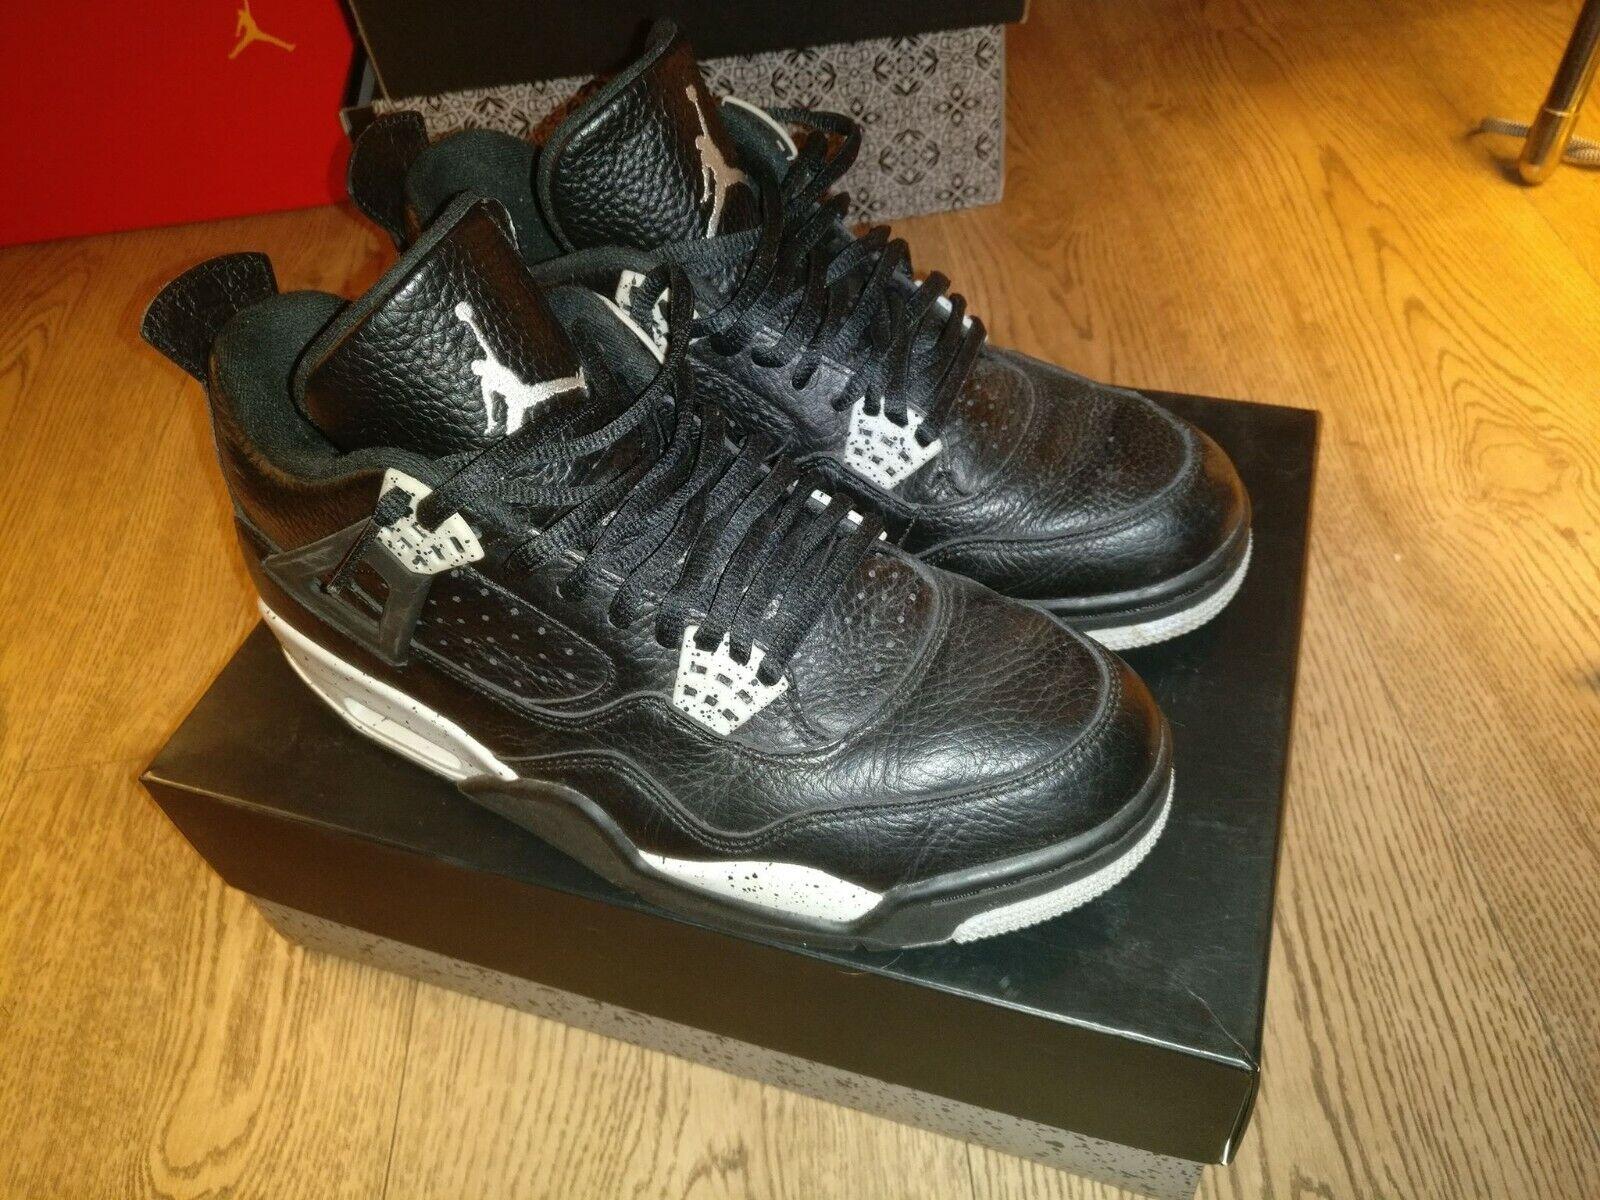 Nike Air Jordan 4 Oreo Black (UK7.5)